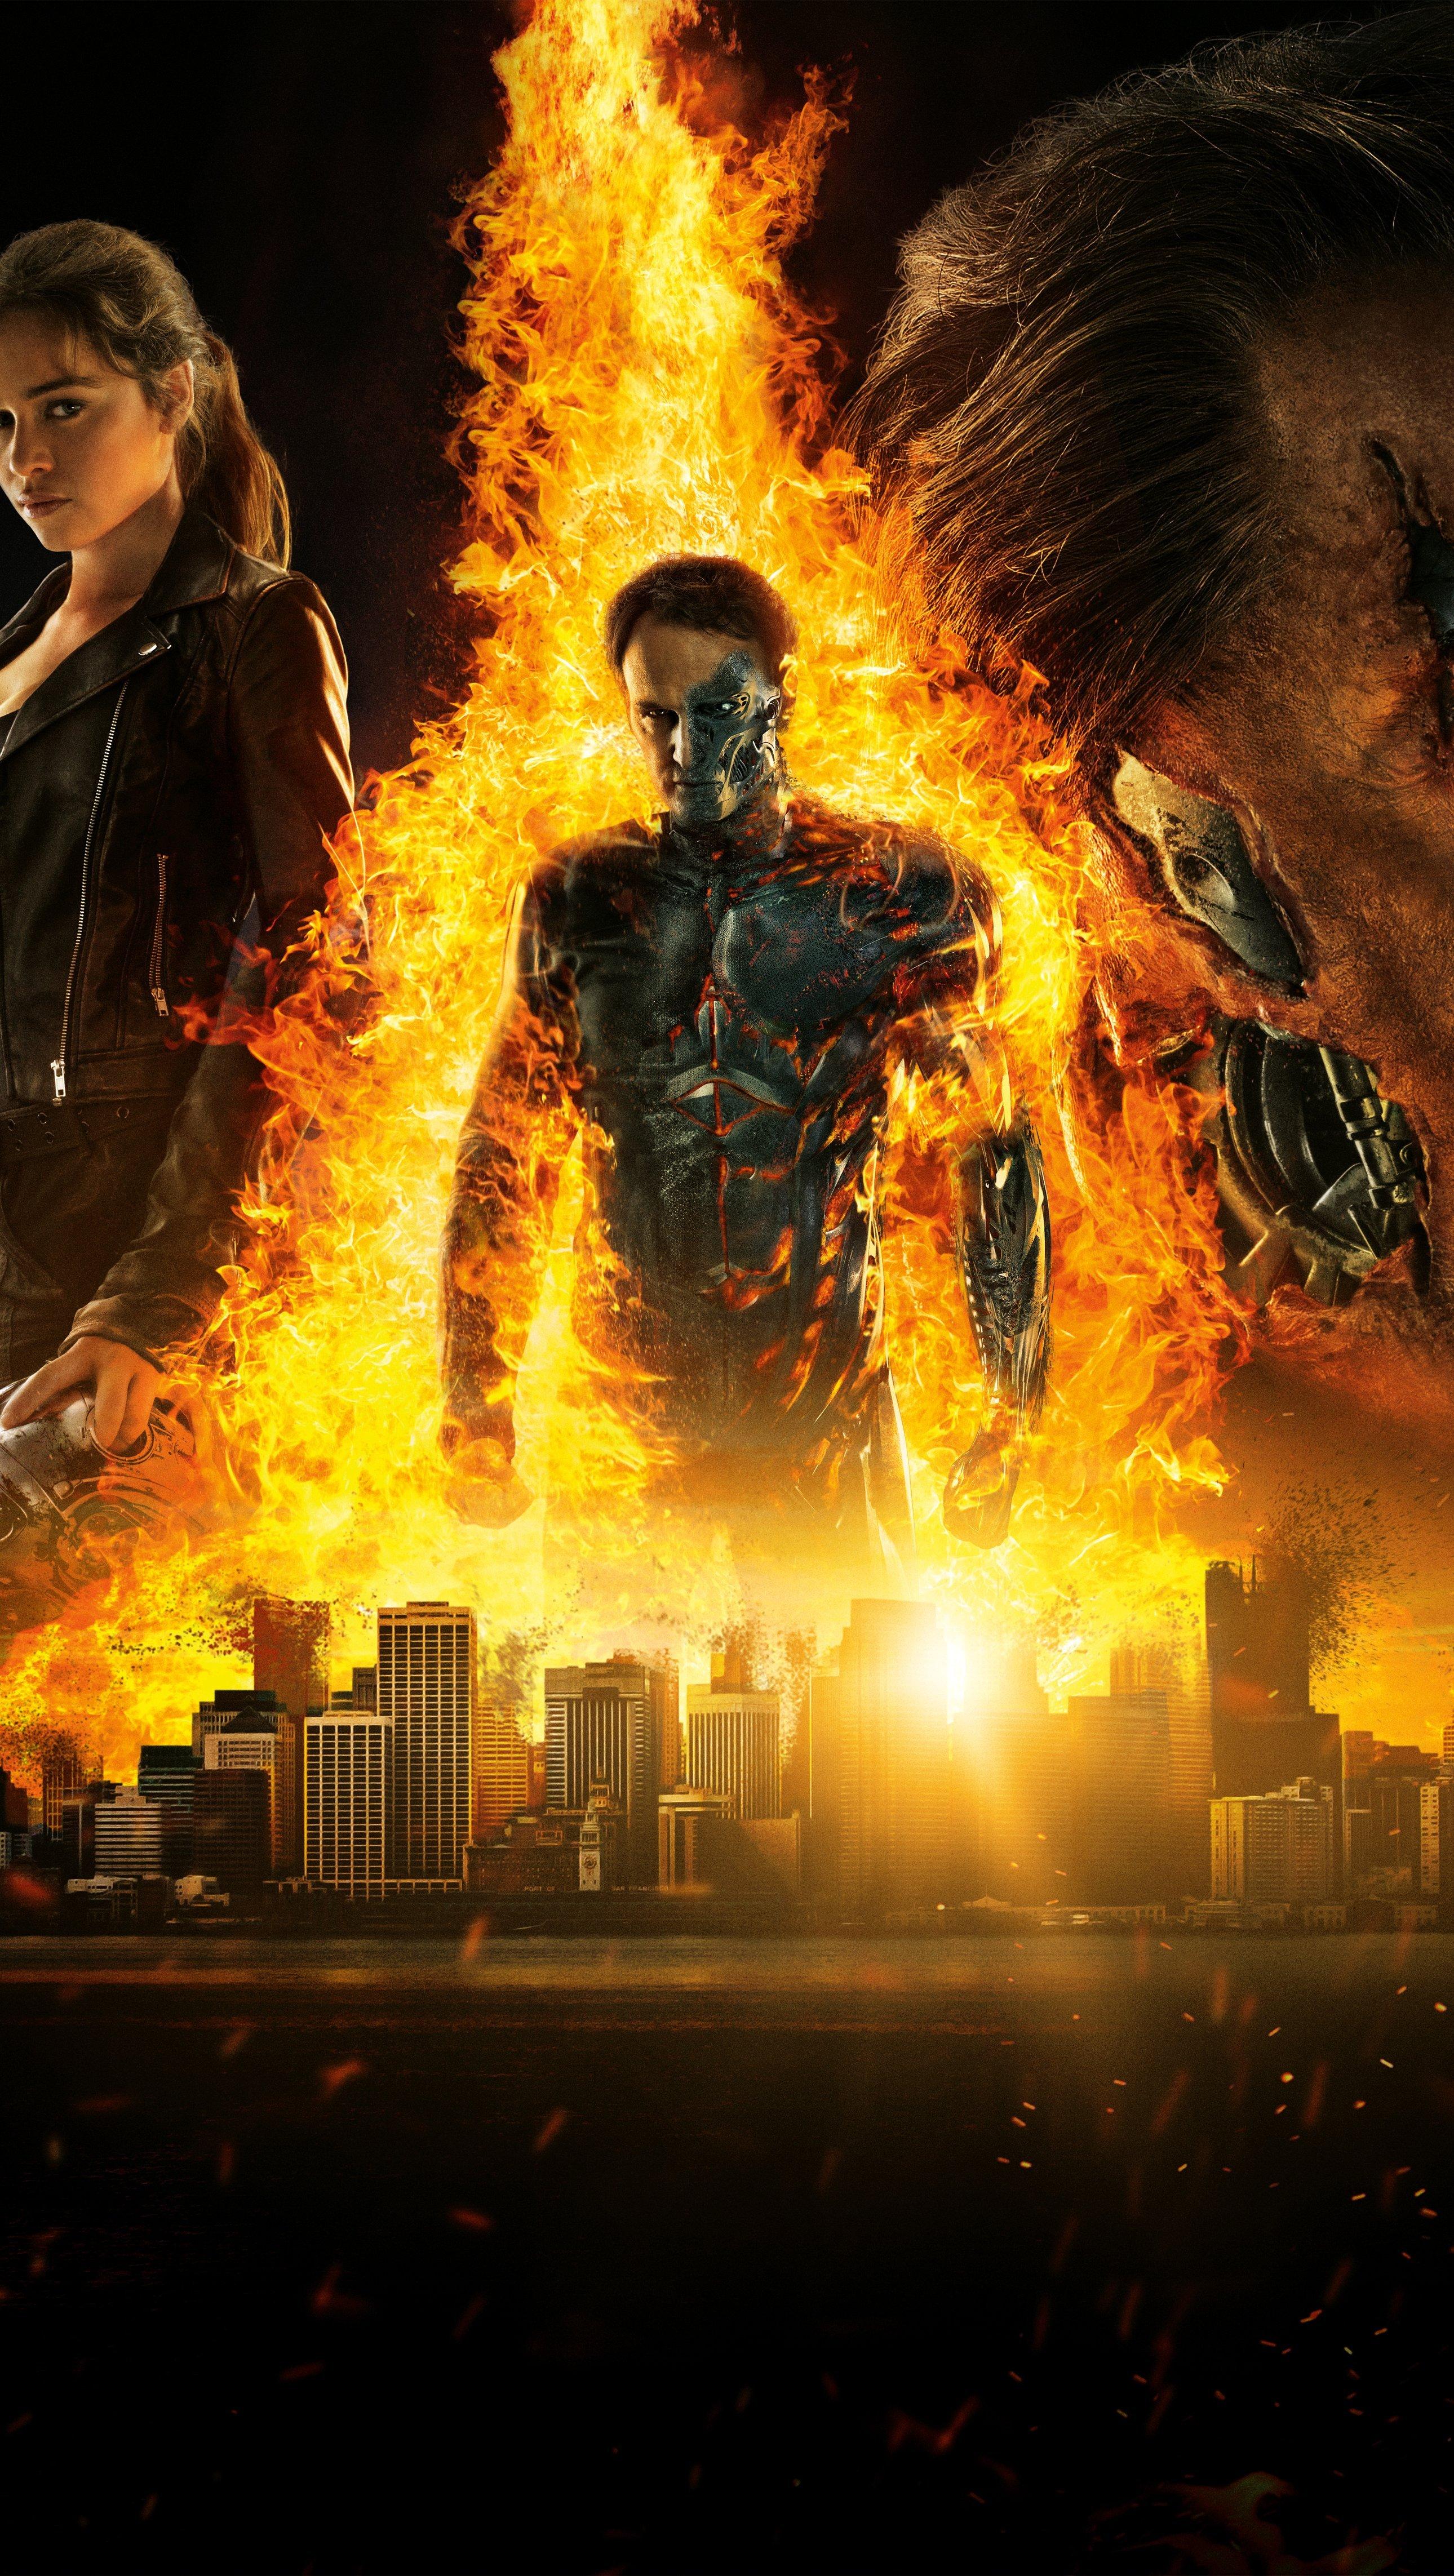 Fondos de pantalla Terminator Génesis 2021 Vertical